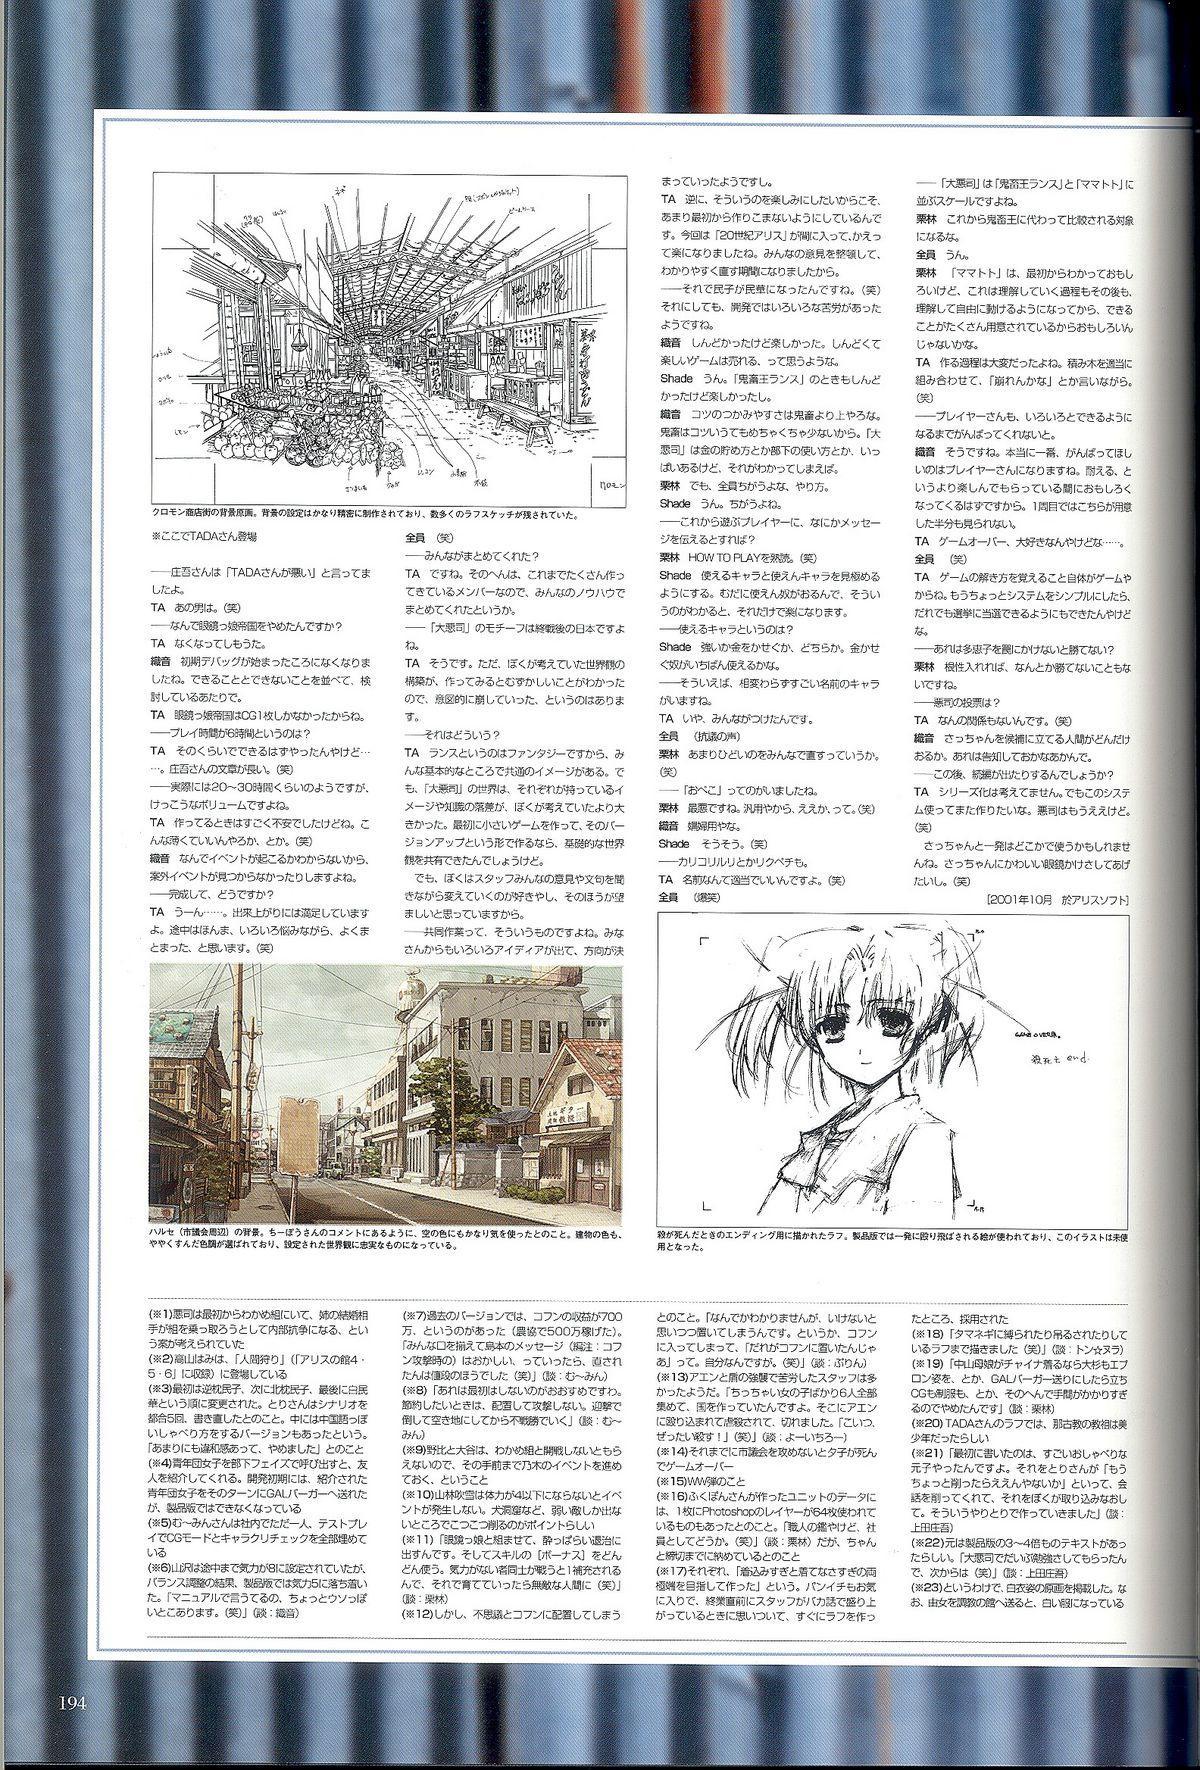 大惡司 オフィシャルガイド 194